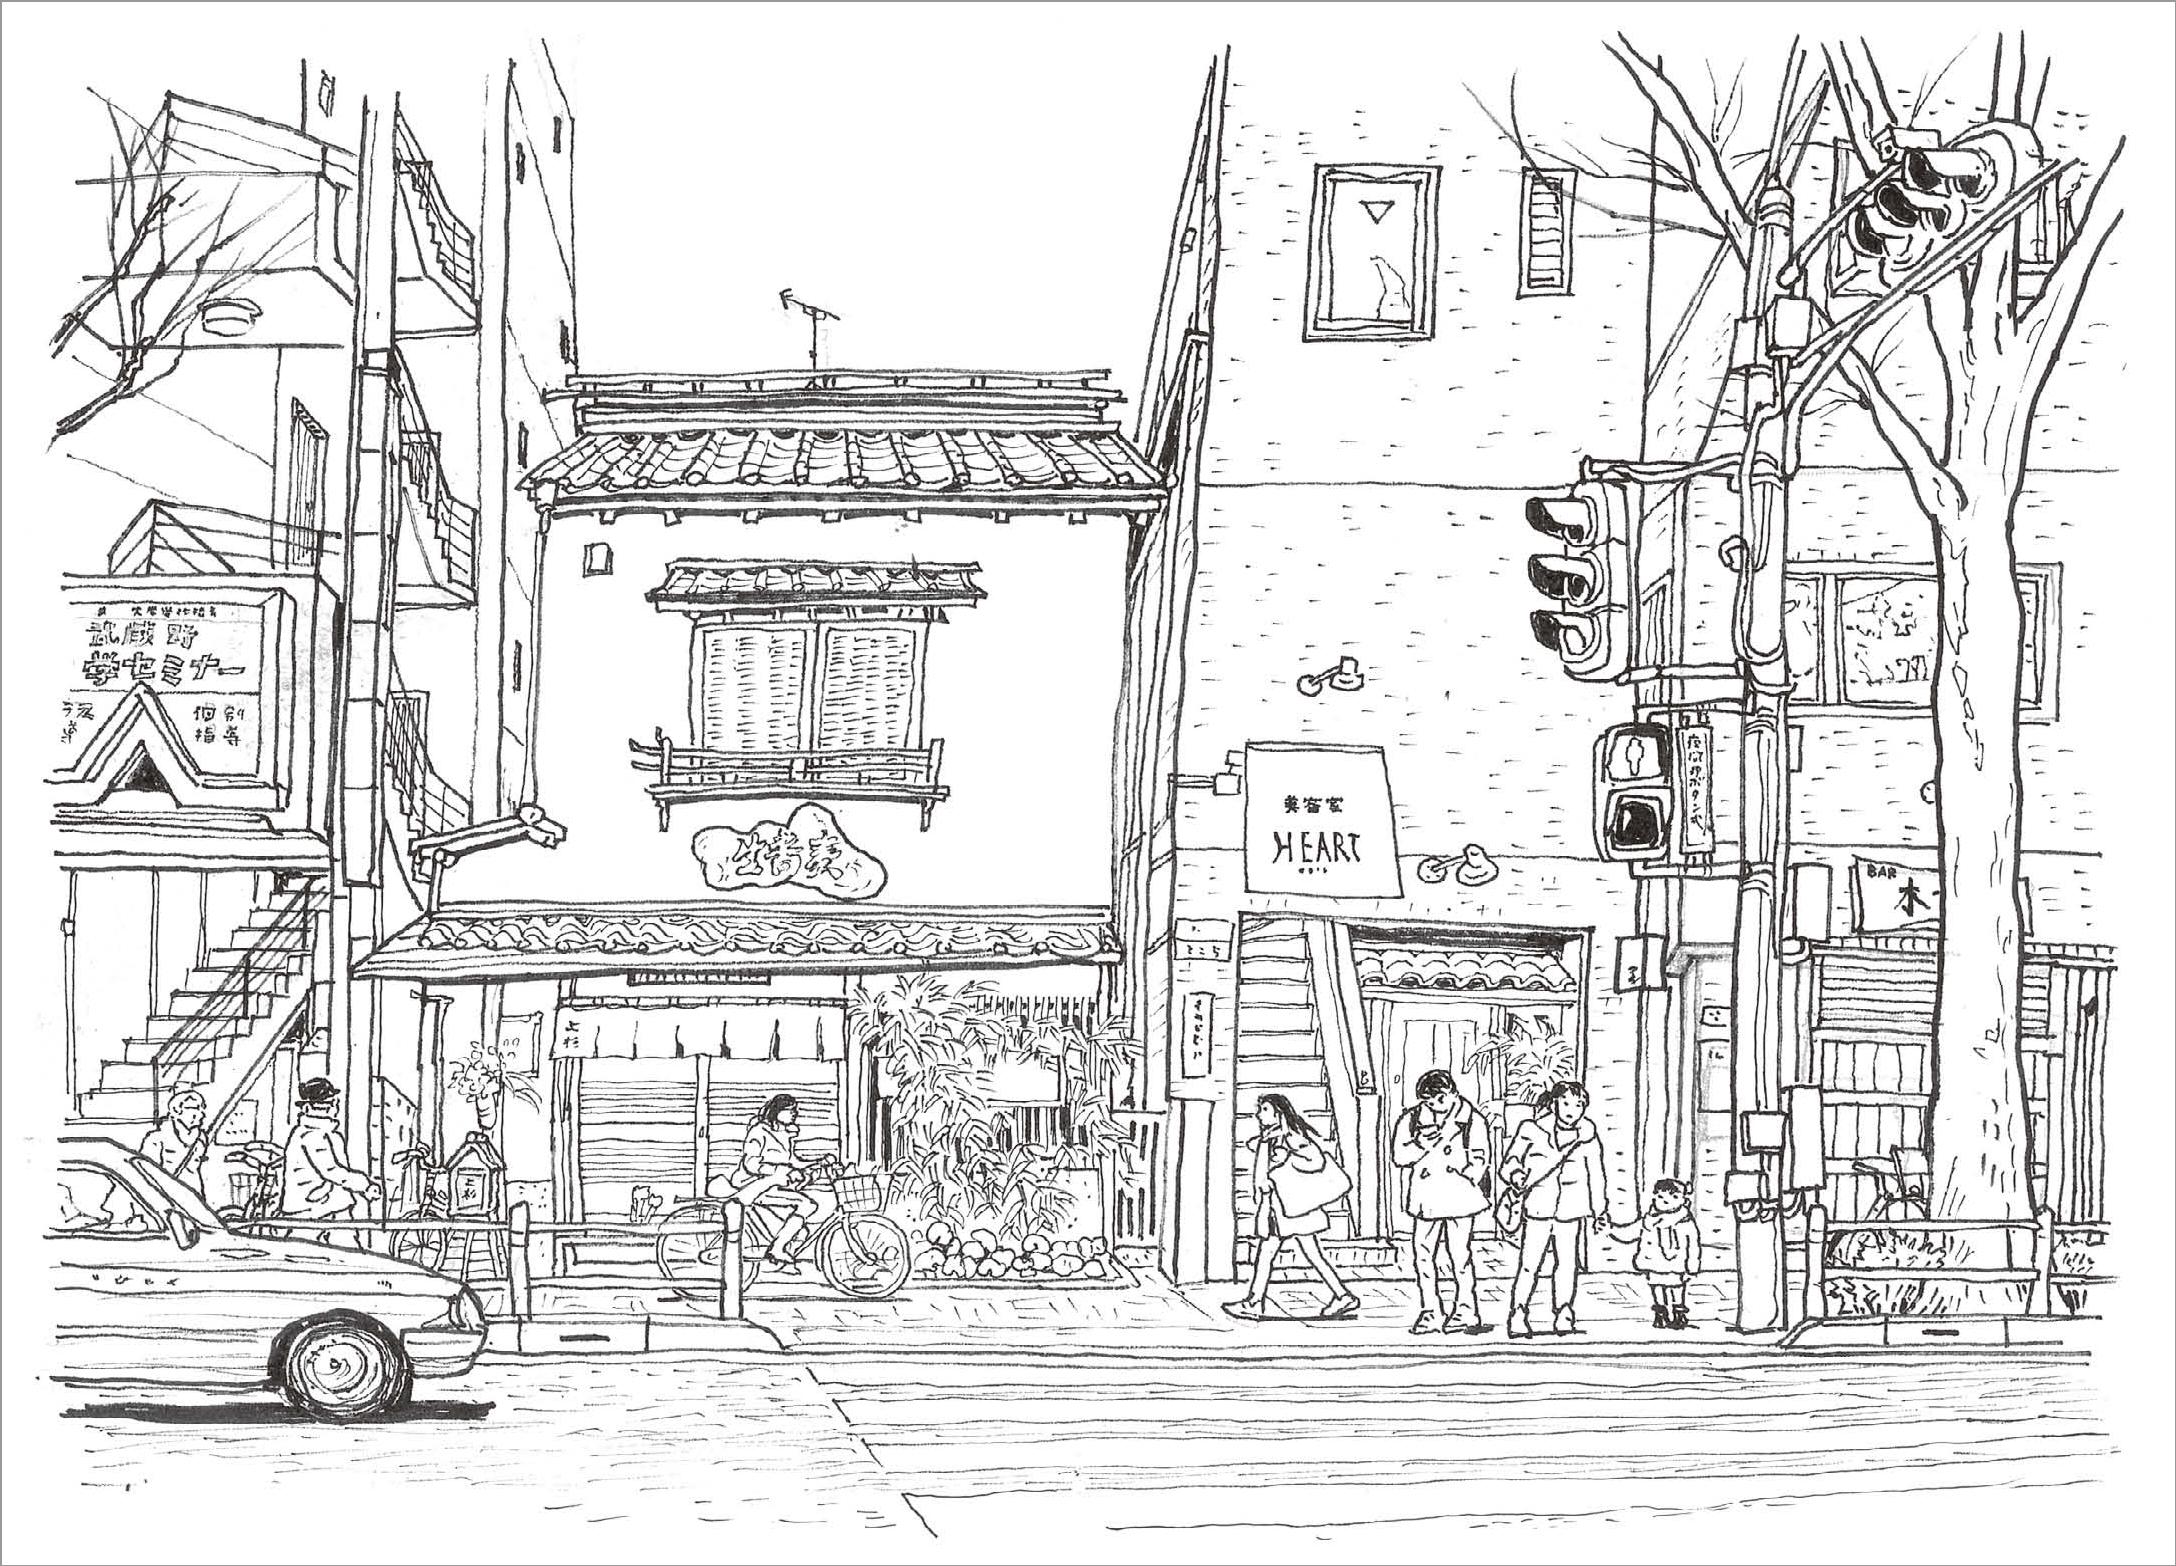 永沢まことの街歩きスケッチ入門-10-09